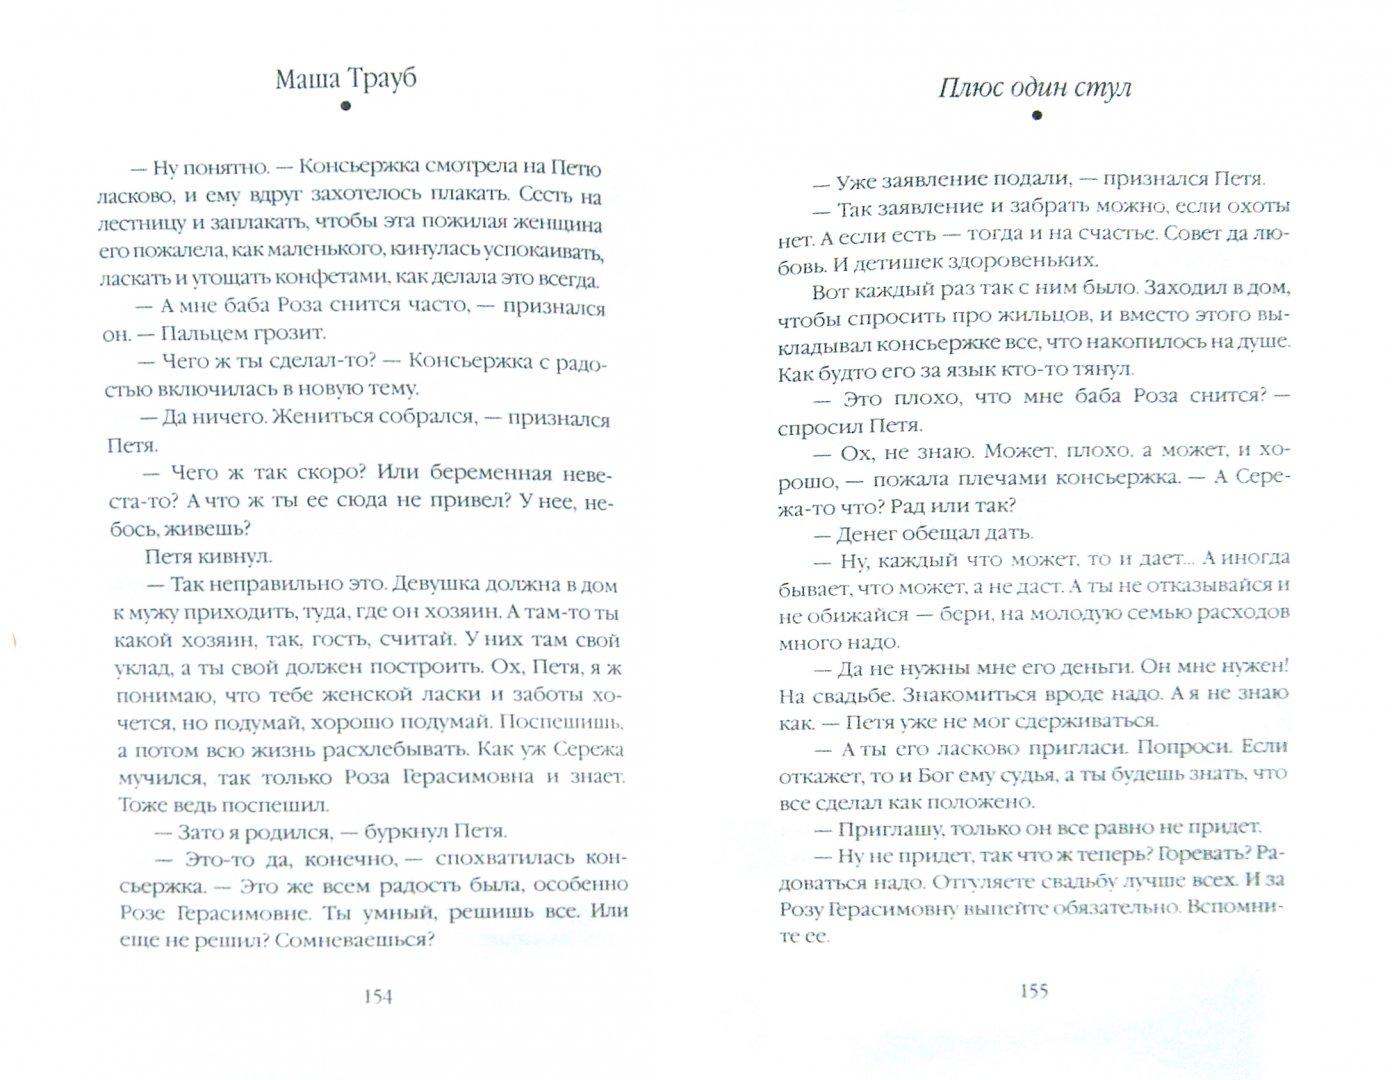 Иллюстрация 1 из 7 для Плюс один стул - Маша Трауб | Лабиринт - книги. Источник: Лабиринт